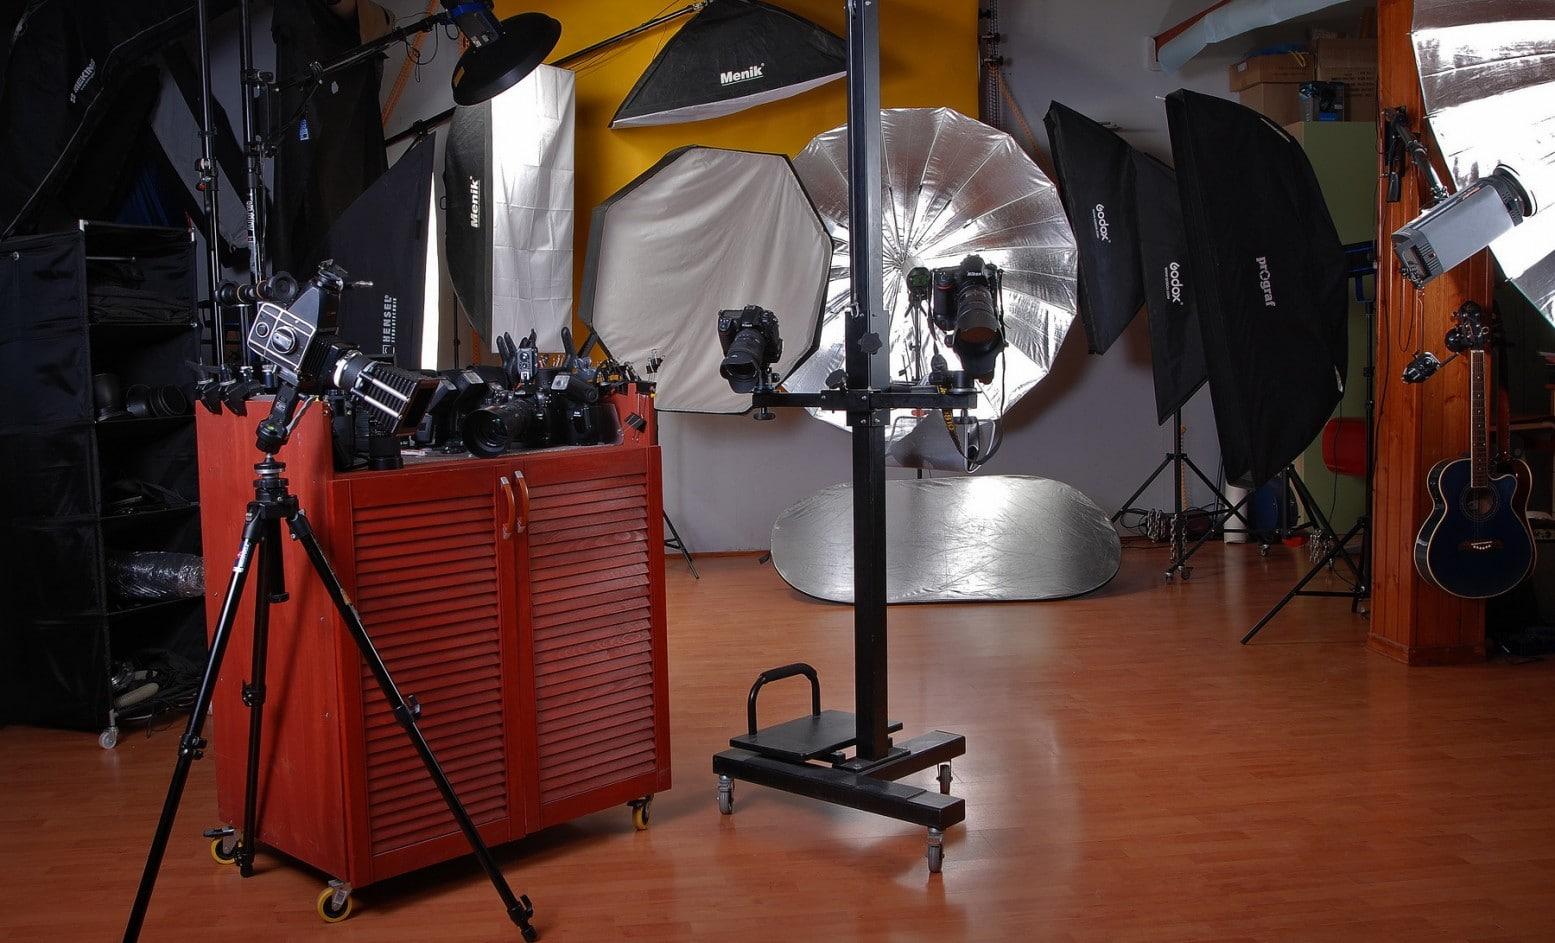 фотостудия ,аппаратура, софтбоксы, камеры